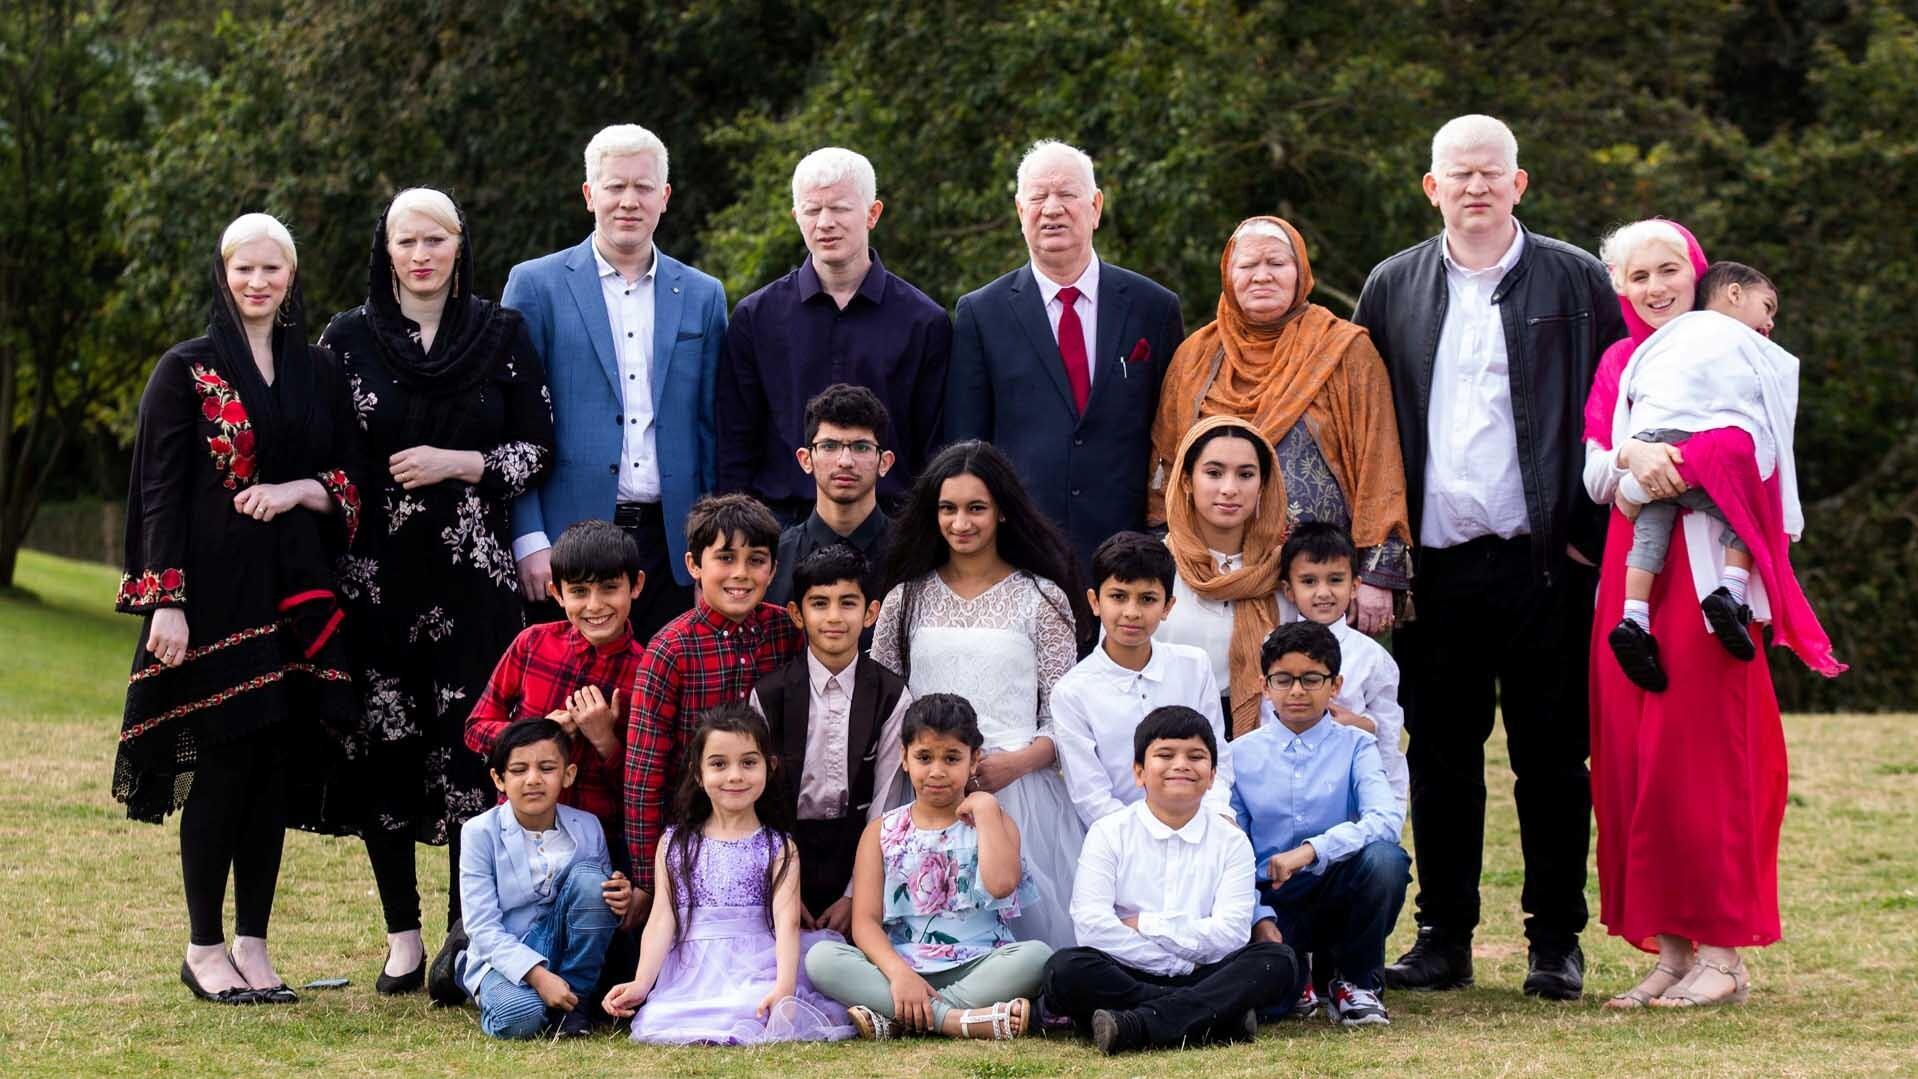 Größte Albinismus-Familie der Welt: So krass wird sie angefeindet!